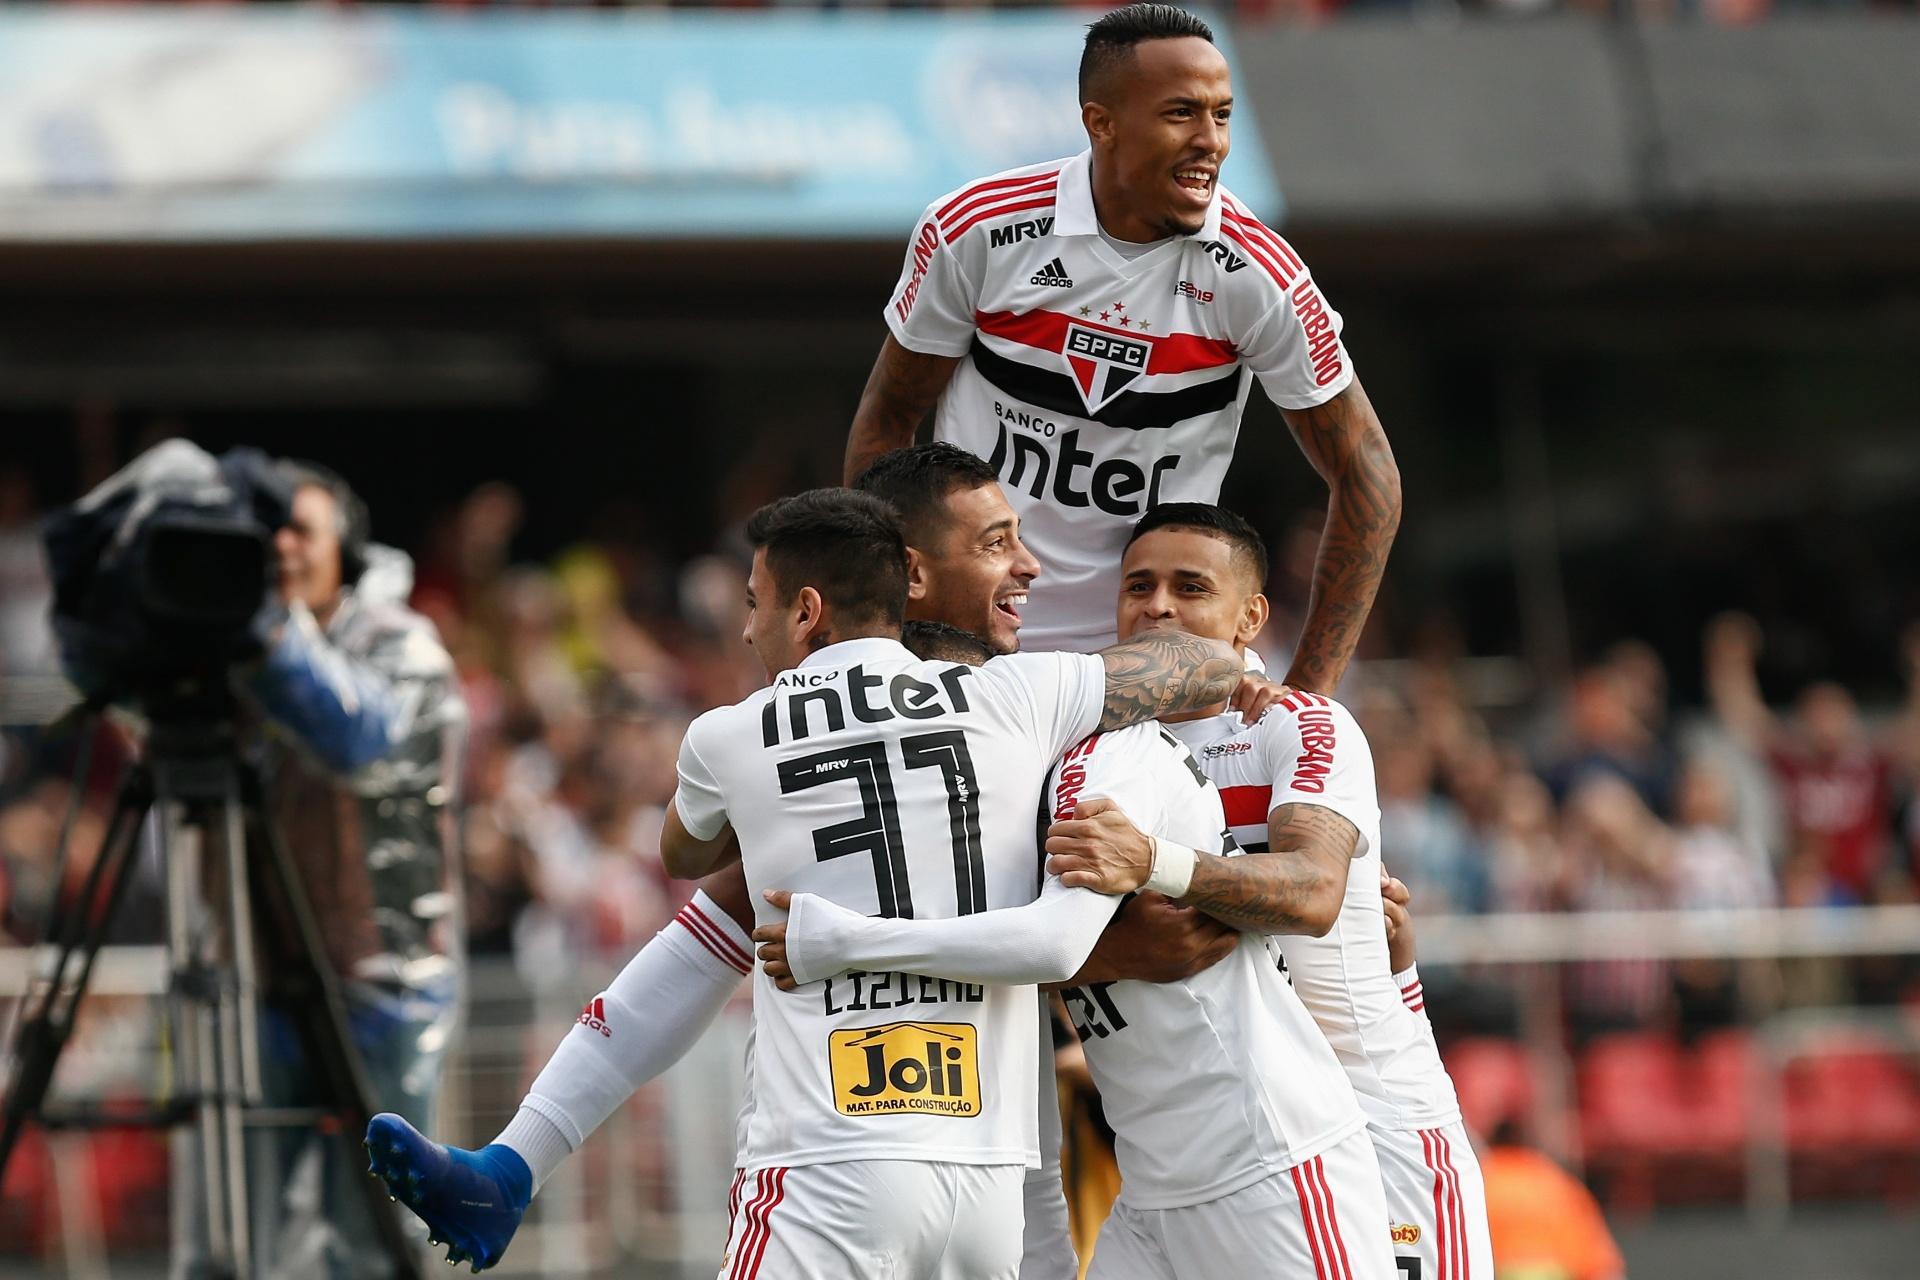 6e4d6d031f São Paulo vence Vasco e vira líder do Brasileiro pela 1ª vez após 3 anos -  05 08 2018 - UOL Esporte